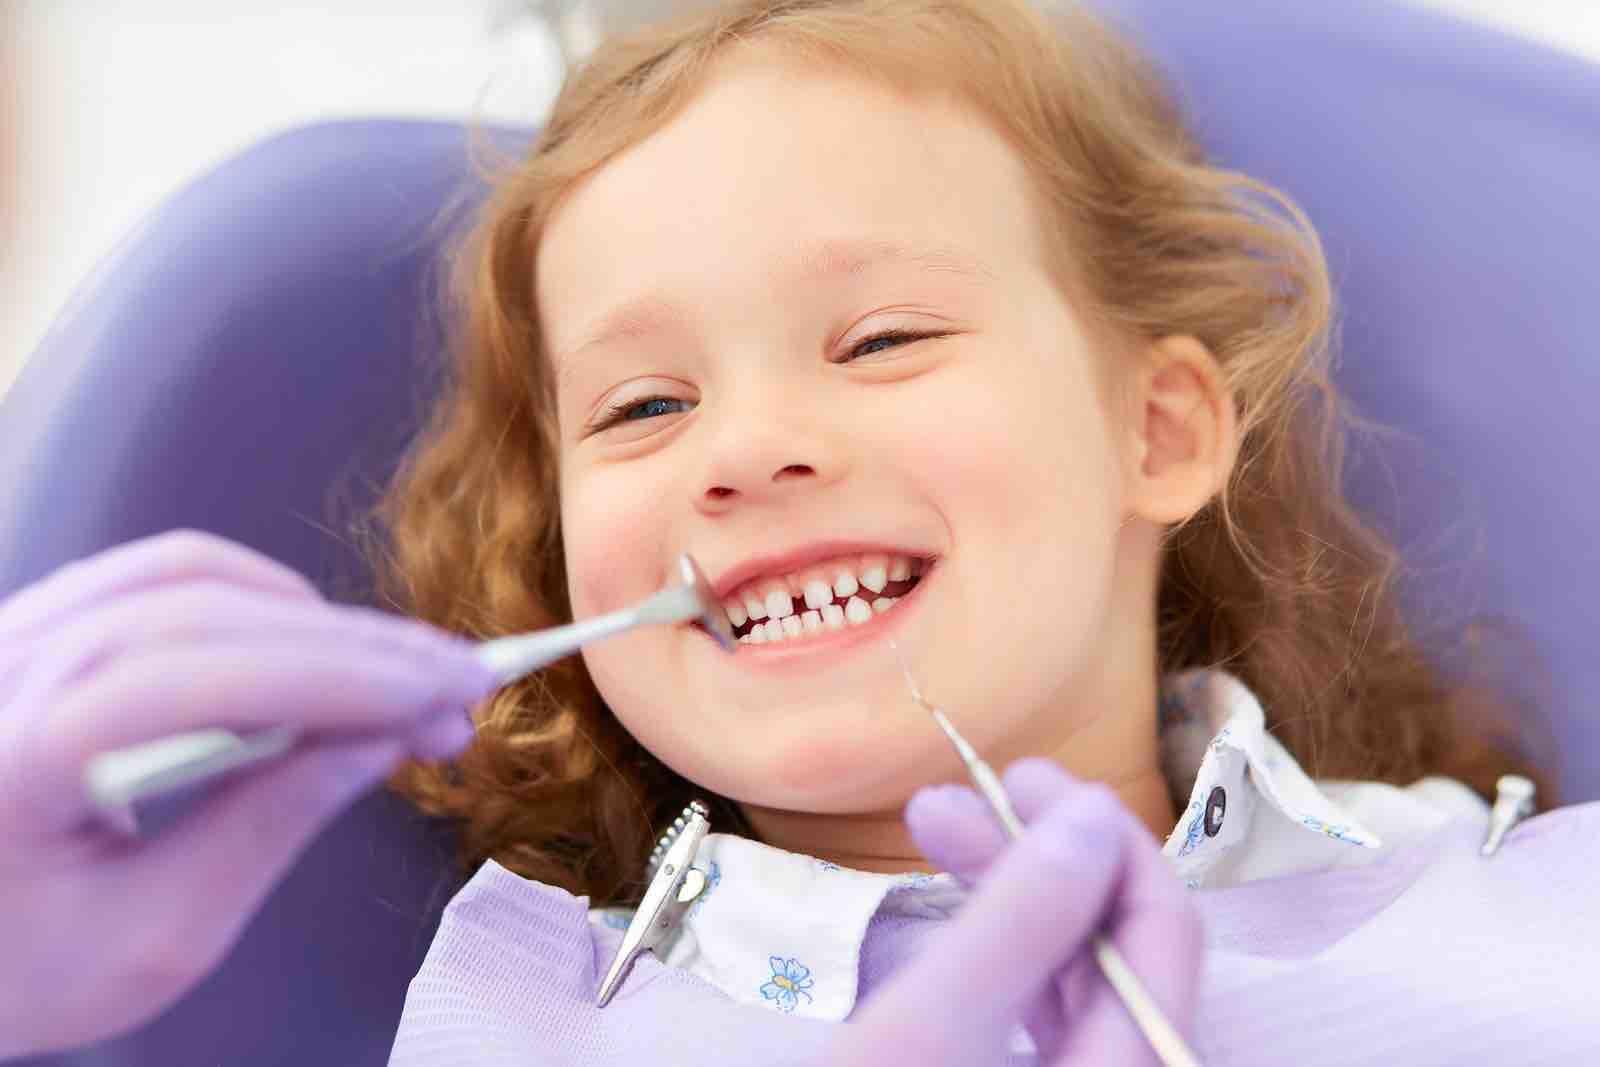 3. Kenalkan si Kecil dokter gigi semenjak dini